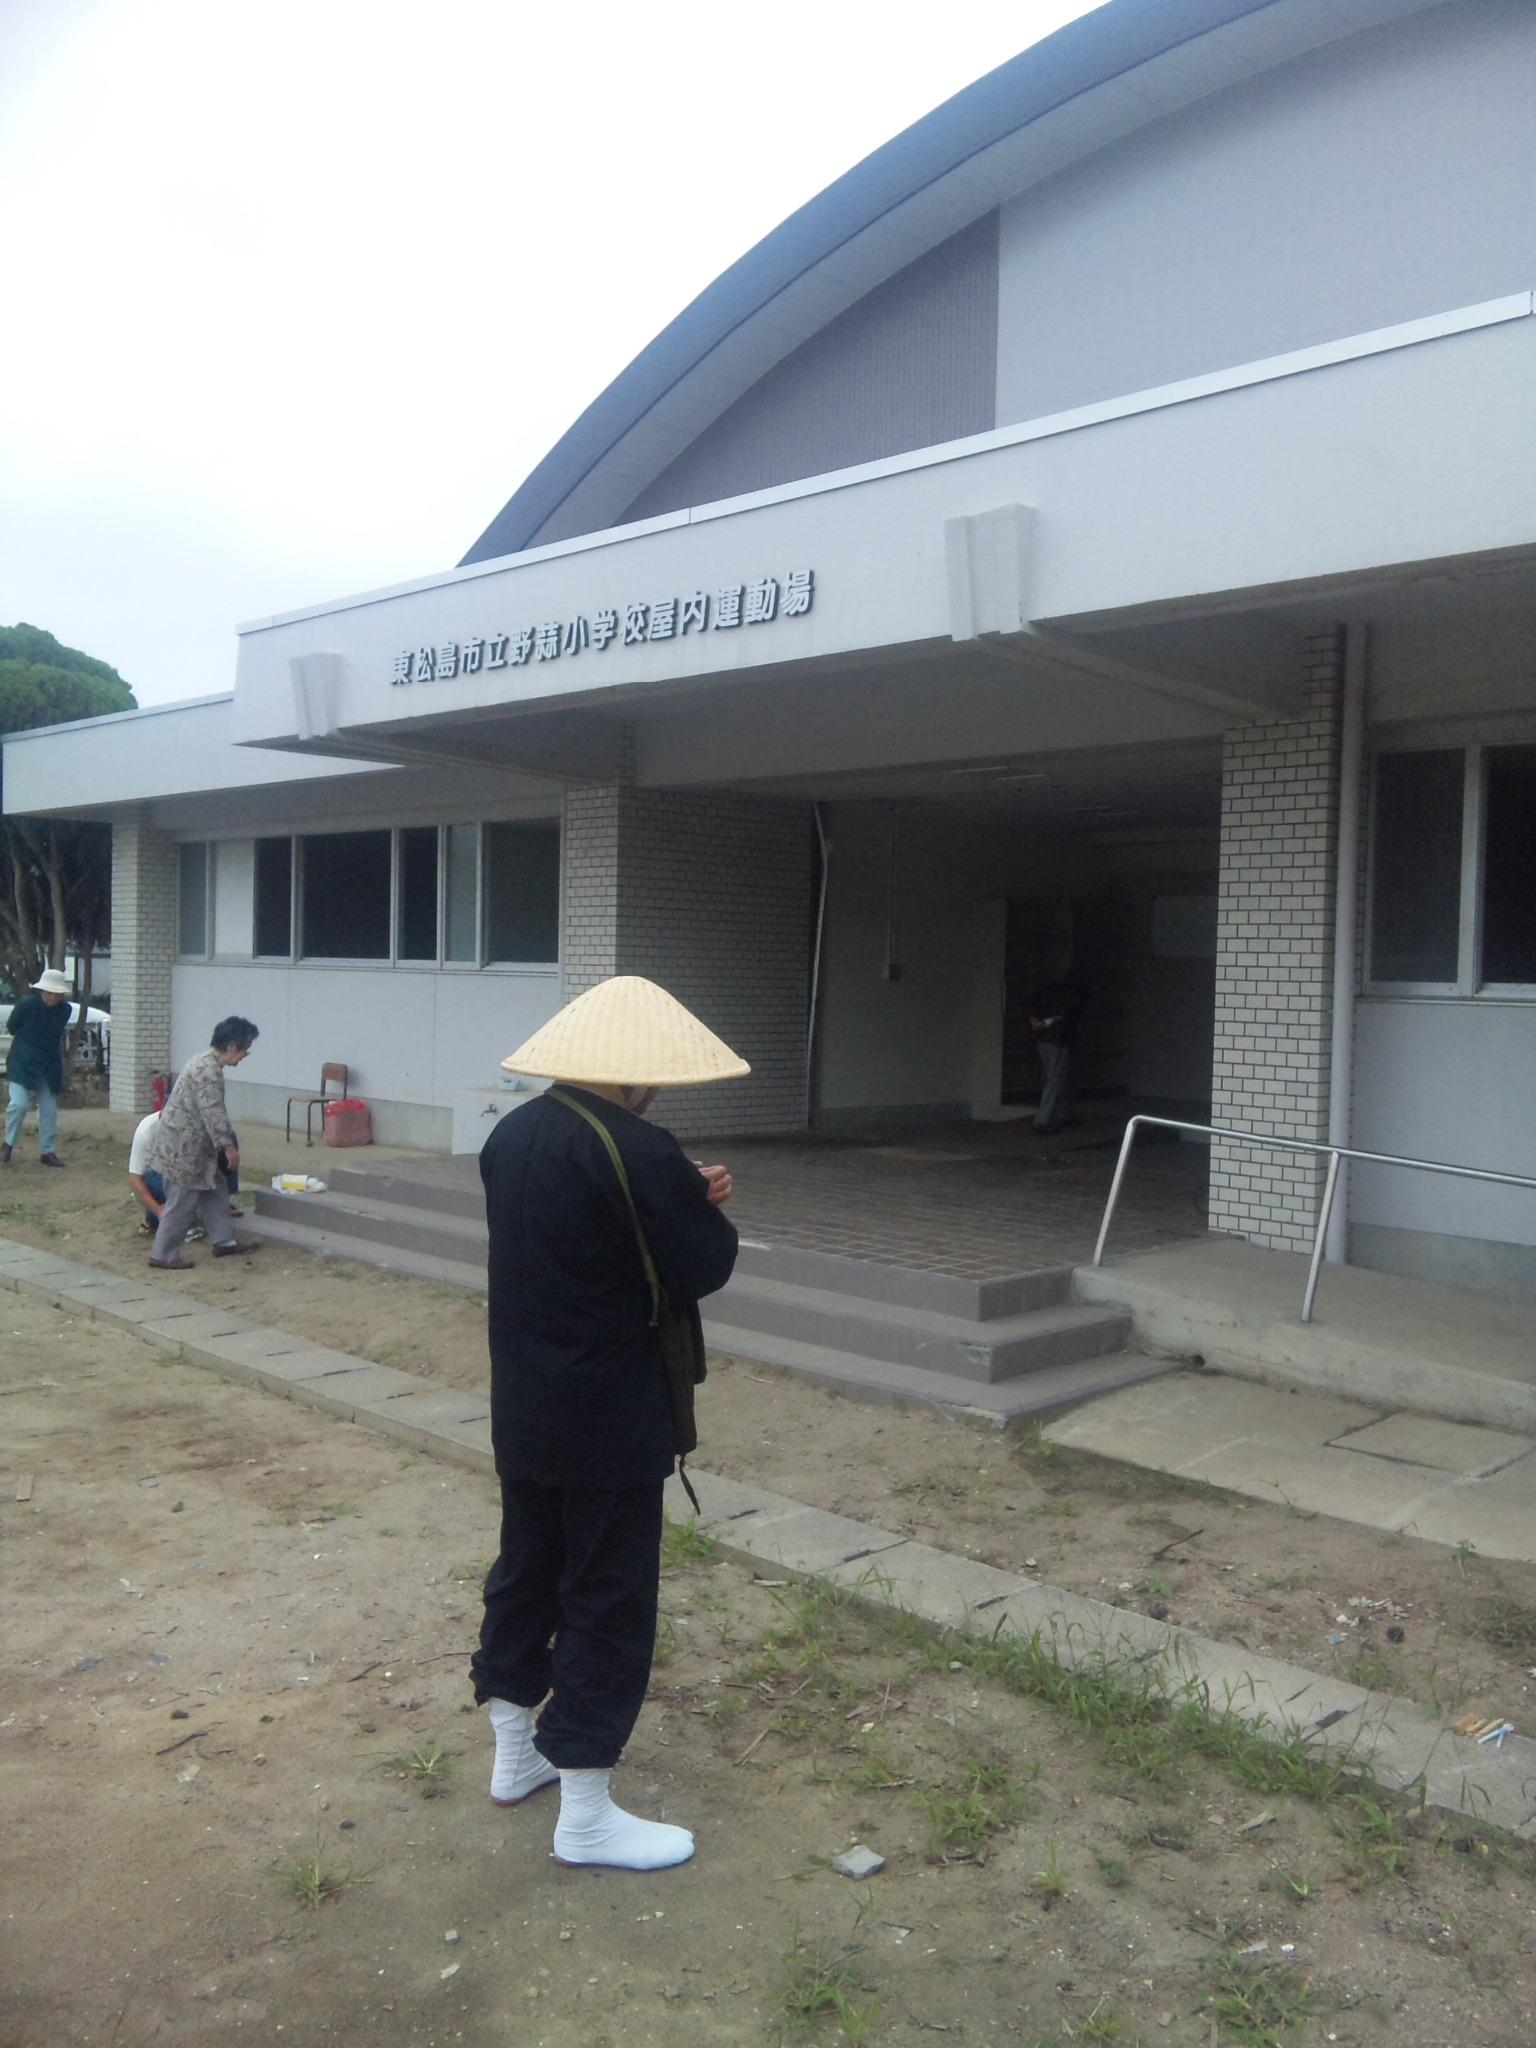 宮城県東松島市立野蒜小学校体育館前での御回向の様子です。